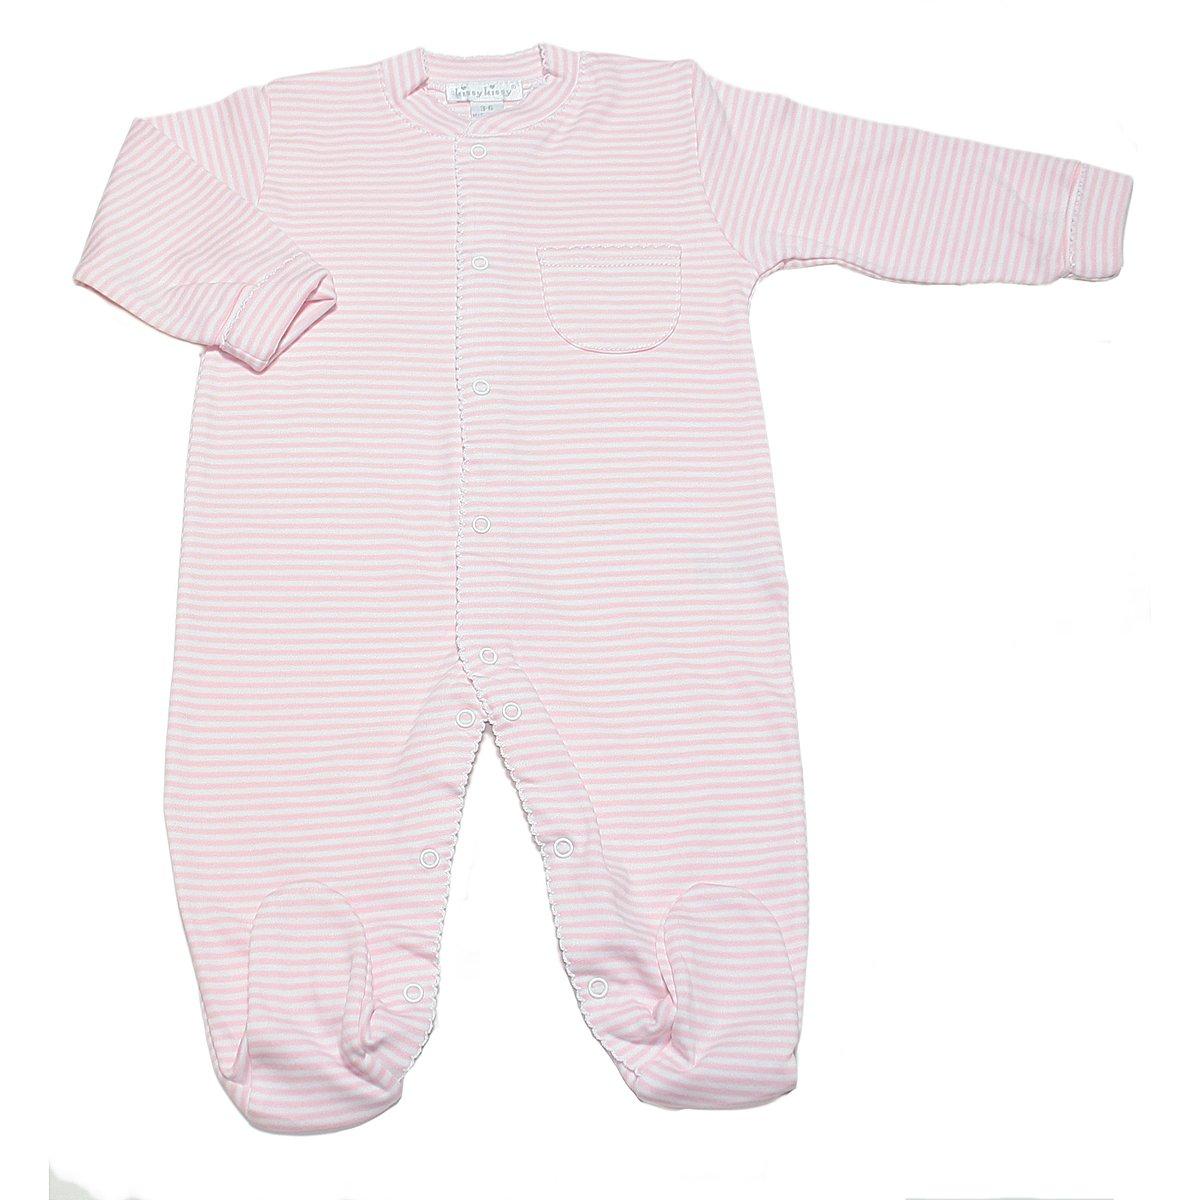 人気商品は Kissy Kissy B00DL8C3NA SLEEPWEAR ベビーガールズ 18 Kissy - 24 24 Months White With Pink B00DL8C3NA, GRANDE TOKYO:d16675c7 --- a0267596.xsph.ru